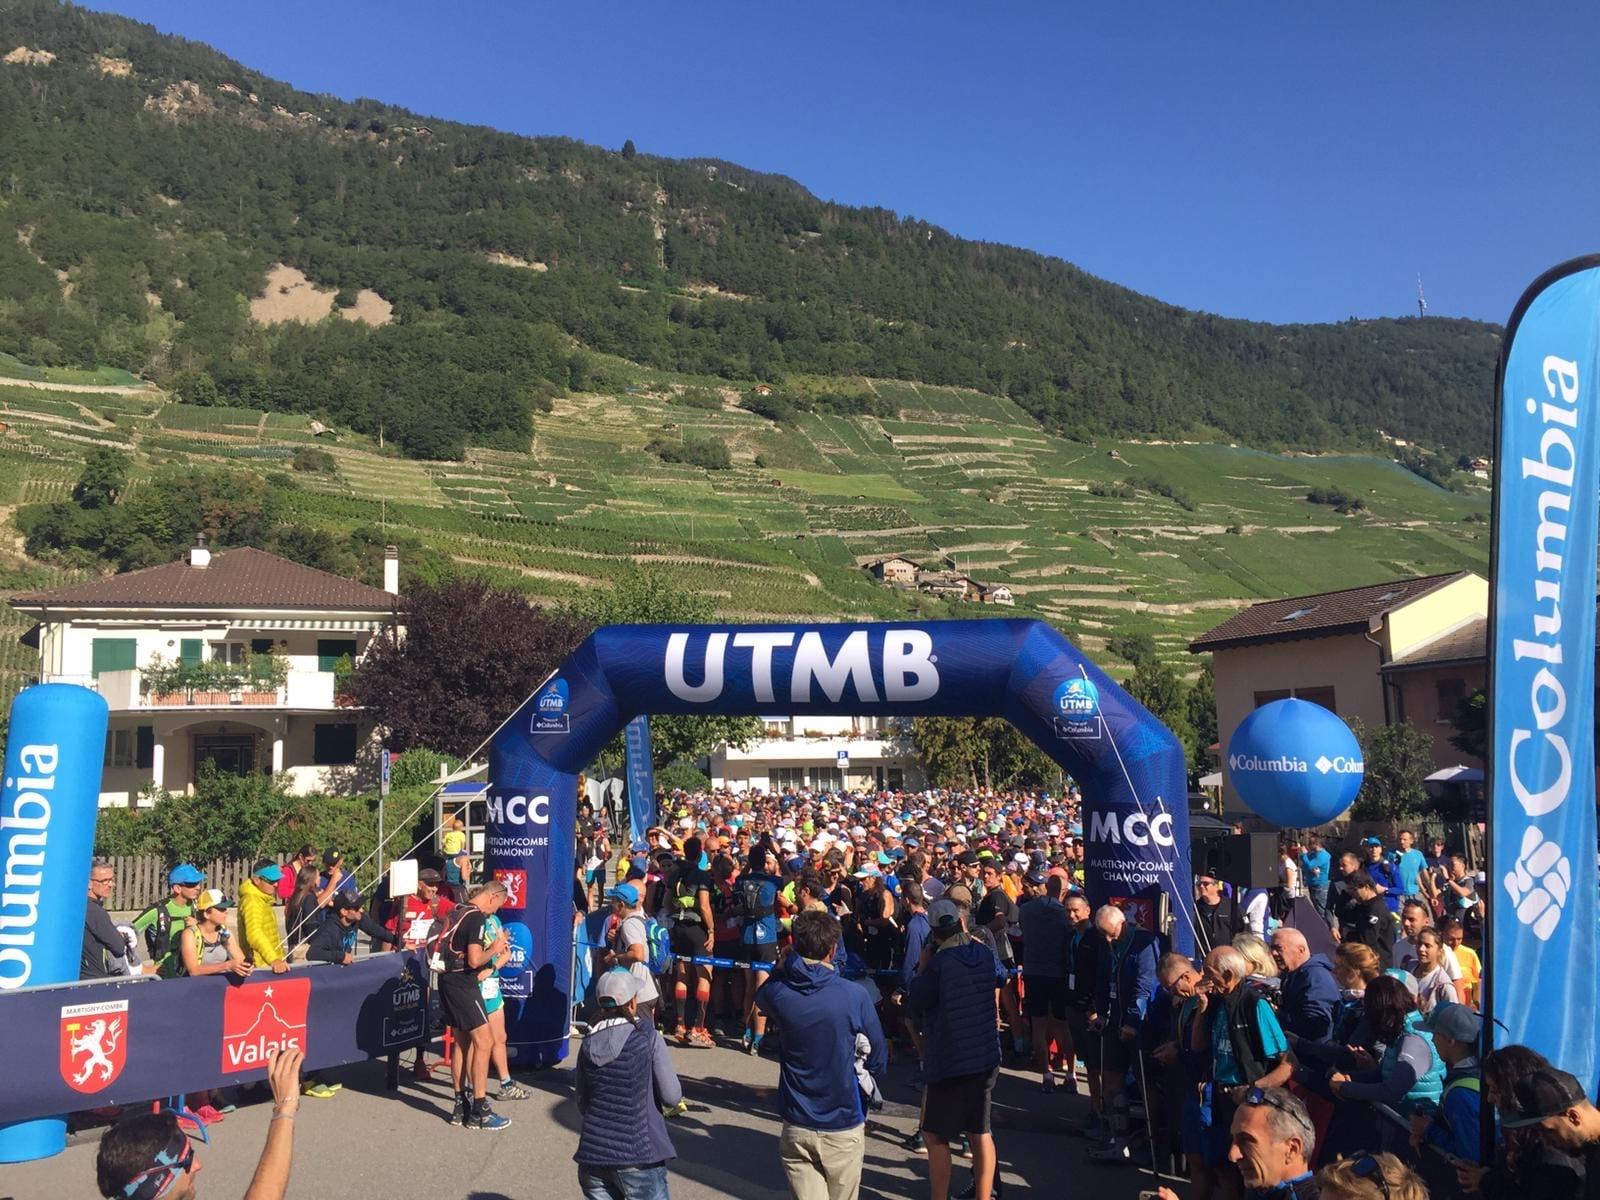 UTMB Mont Blanc start